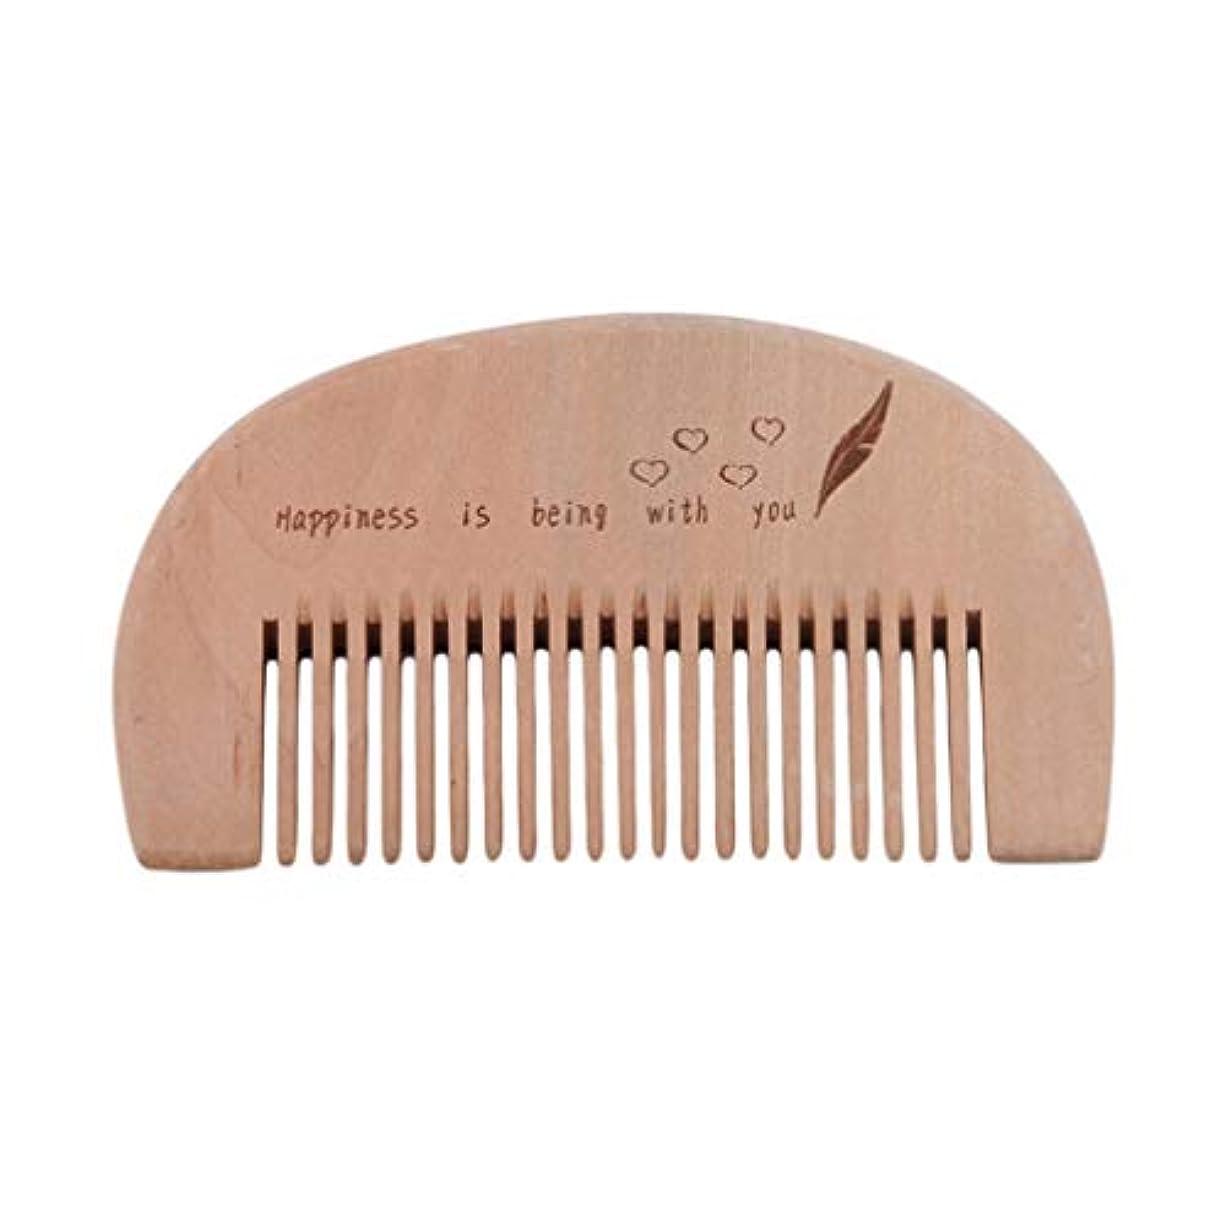 遠え愚かマージMARUIKAO ヘアブラシ 半月形 木製櫛 美髪ケア 静電防止コーム メンズ レディース用